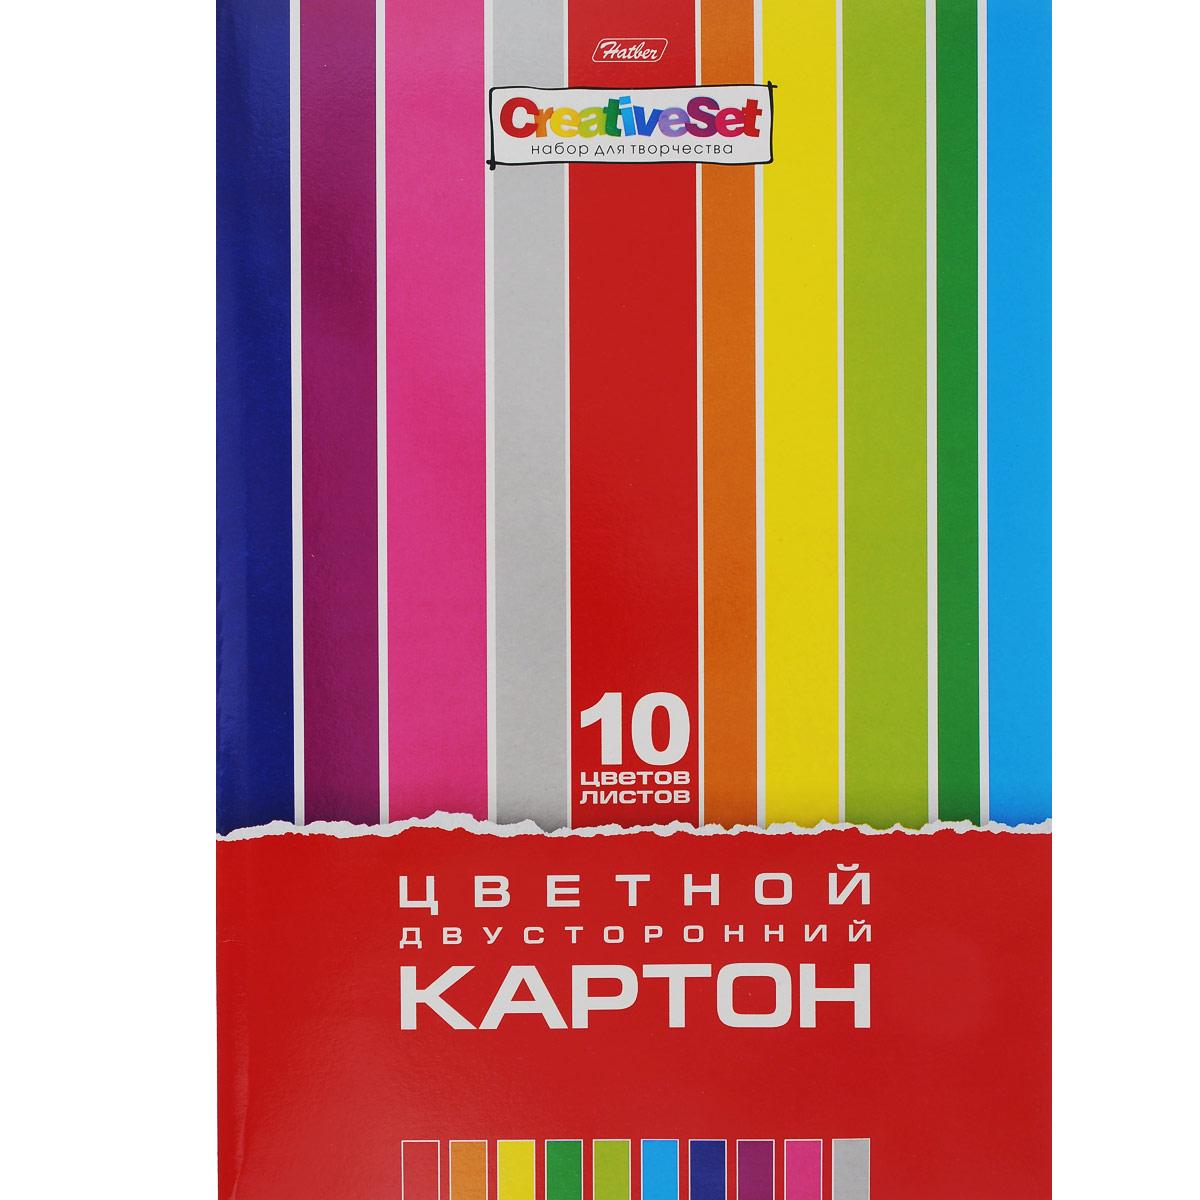 Картон цветной Hatber Creative Set , двухсторонний, 10 цв, формат А410Кц4_05934Картон цветной Hatber Creative Set , двухсторонний, позволит создавать всевозможные аппликации и поделки. Набор включает 10 листов одностороннего цветного картона формата А4. Цвета: коричневый, синий, серебристый, зеленый, красный, оранжевый, голубой, серовато-оливковый, желтый, черный.Создание поделок из цветного картона позволяет ребенку развивать творческие способности, кроме того, это увлекательный досуг.